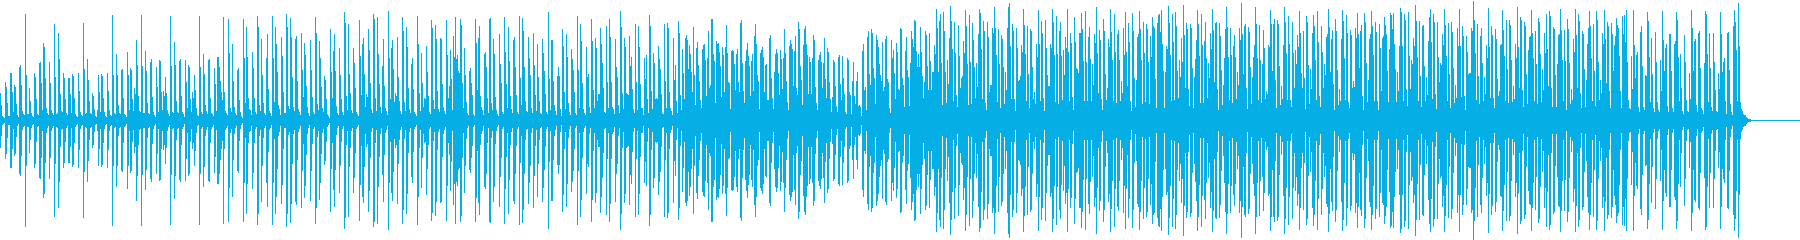 怪しい・ダークなエレクトロソングの再生済みの波形